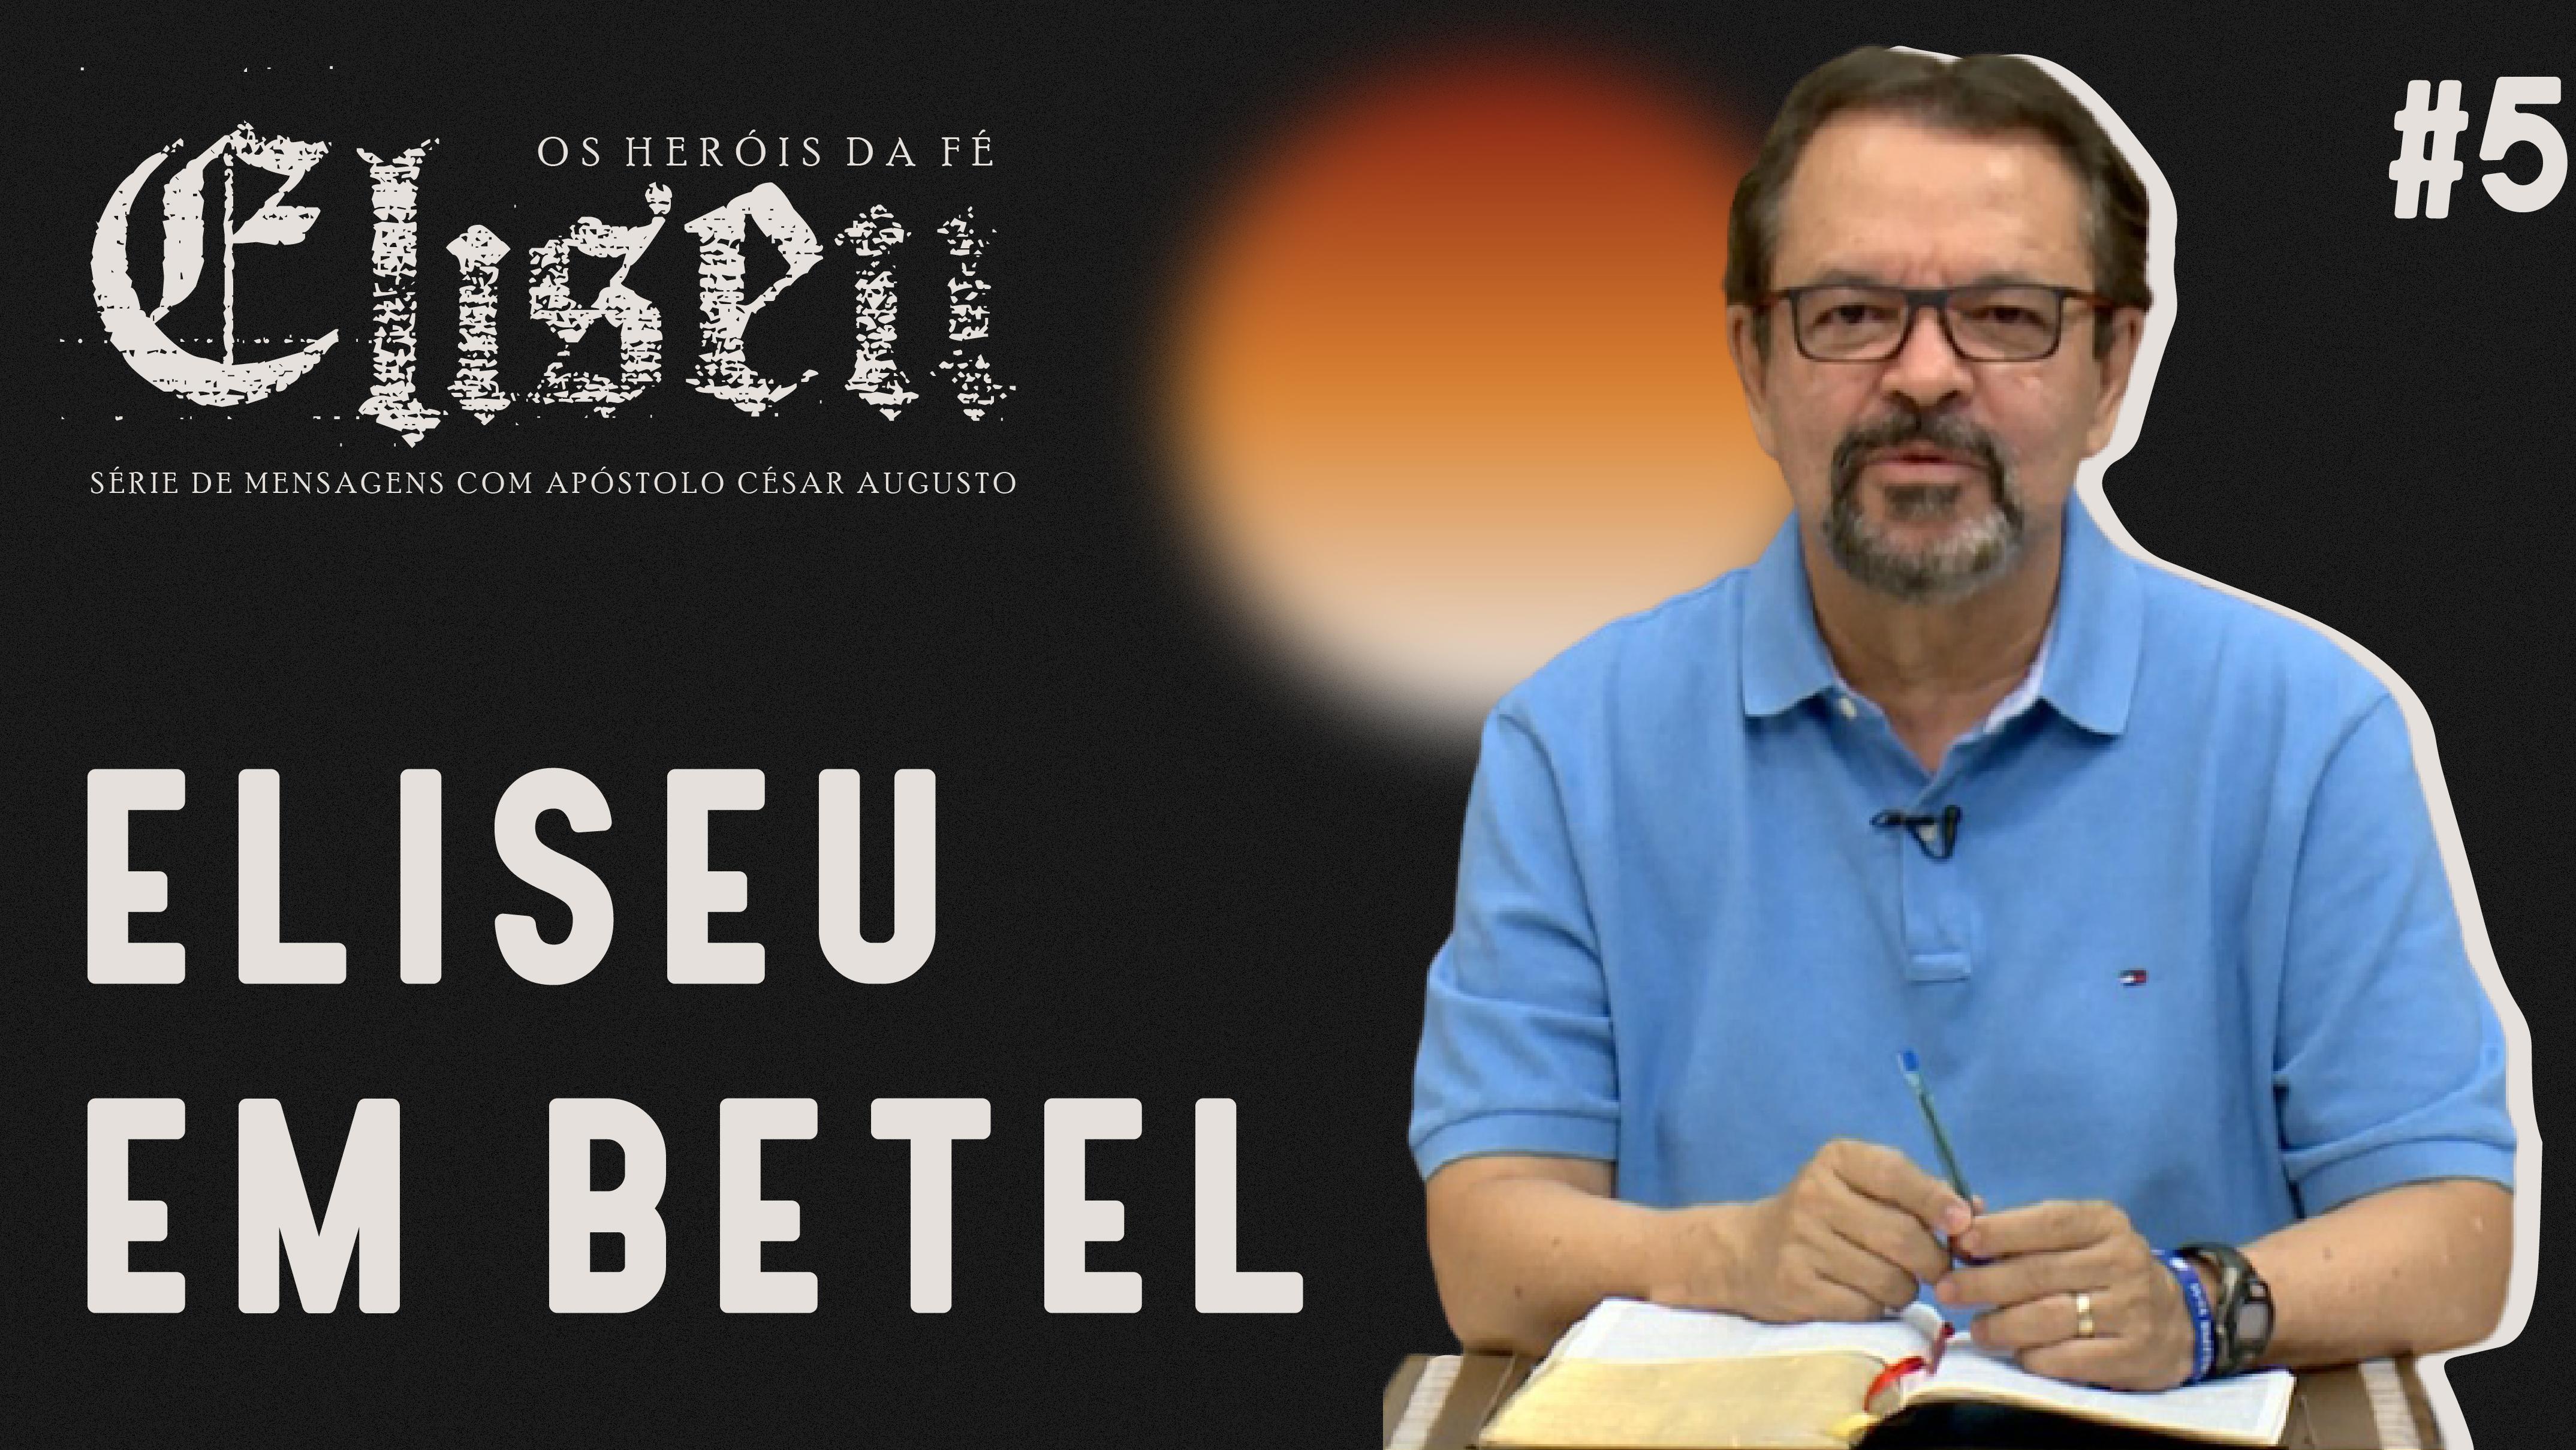 Eliseu em Betel - Série Eliseu #5